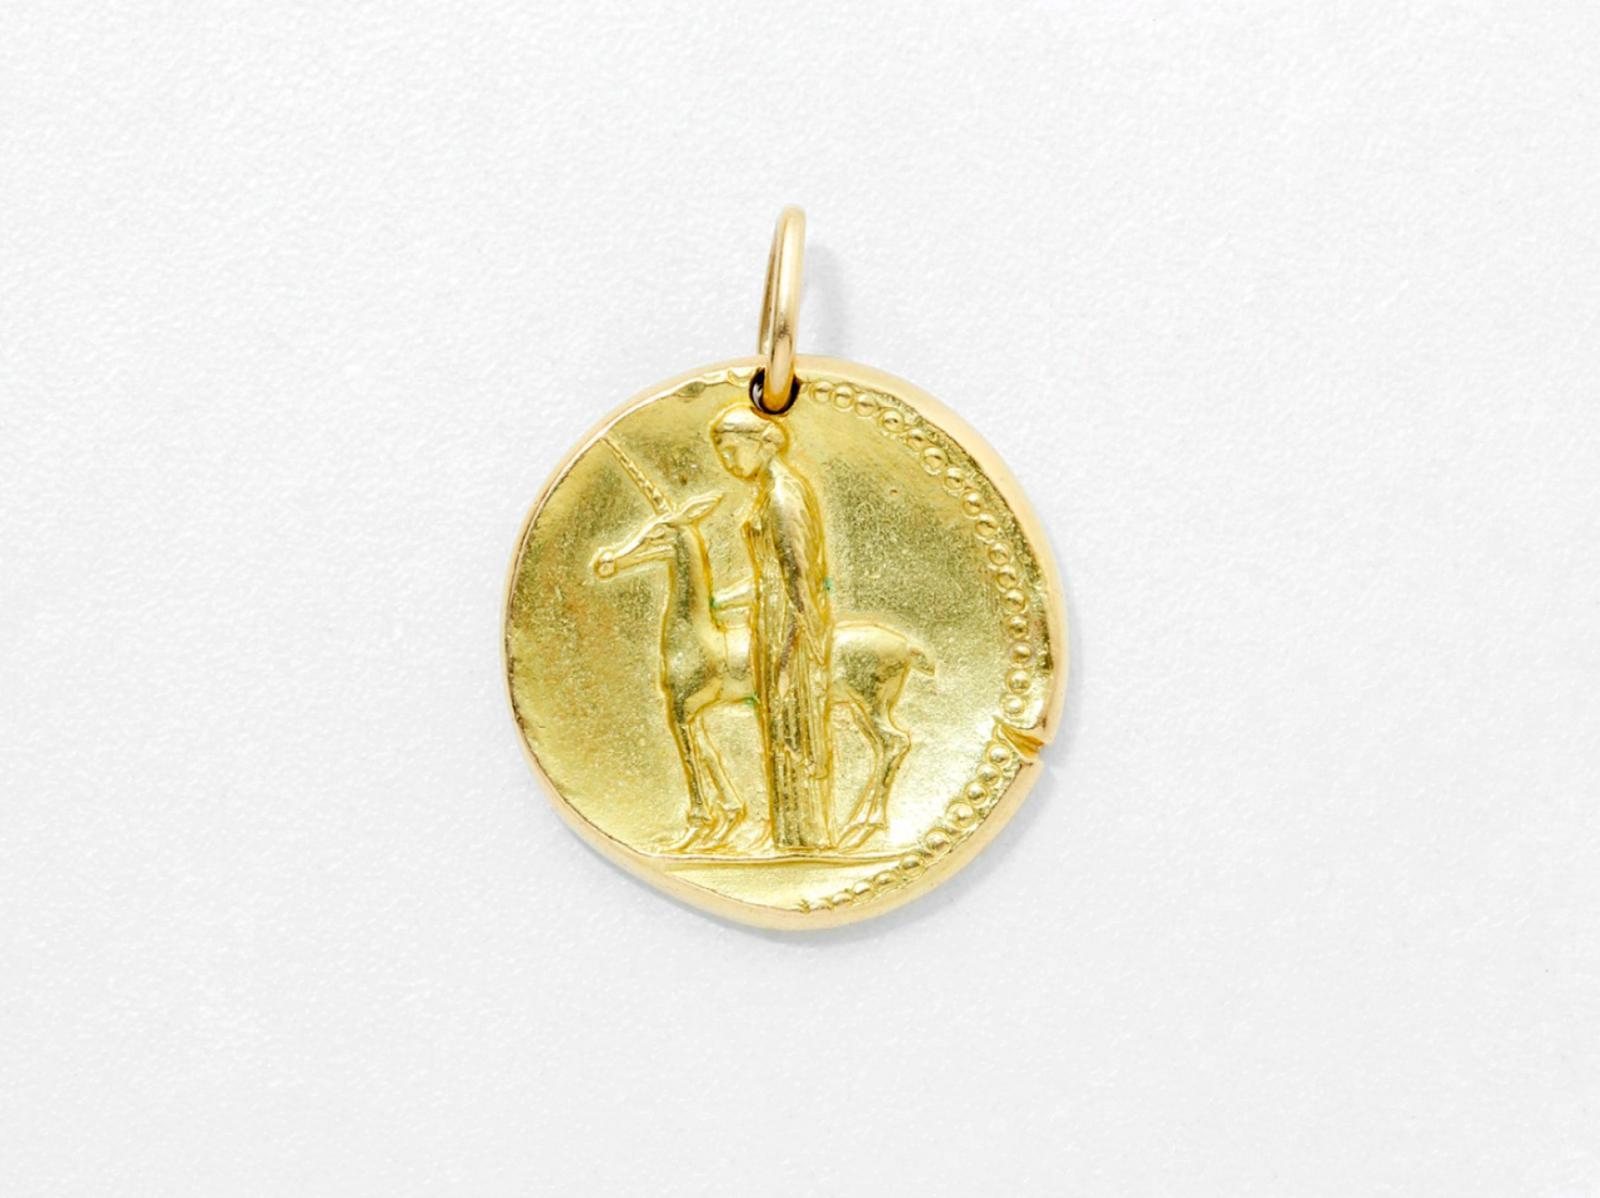 1127€ VCA. Pendentif en or 750millièmes, représentant une dame à la licorne, 1956, 2,7cm. Paris, Drouot, 6octobre 2016. Thierry de Ma